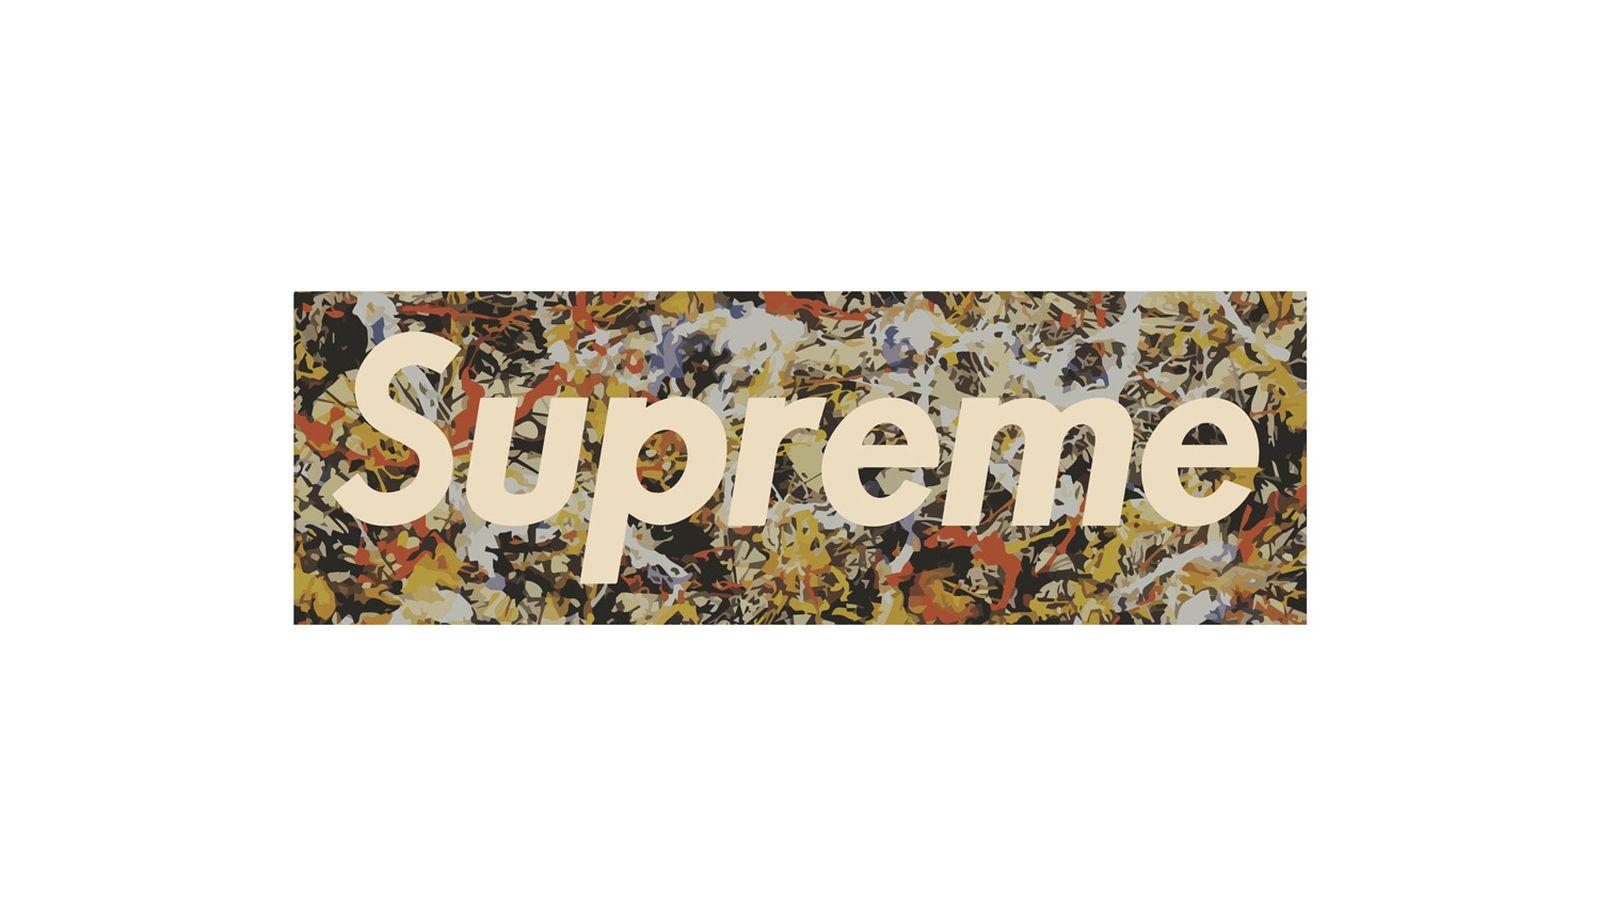 15 obscure supreme box logo t shirts pollock bape burberry coca cola